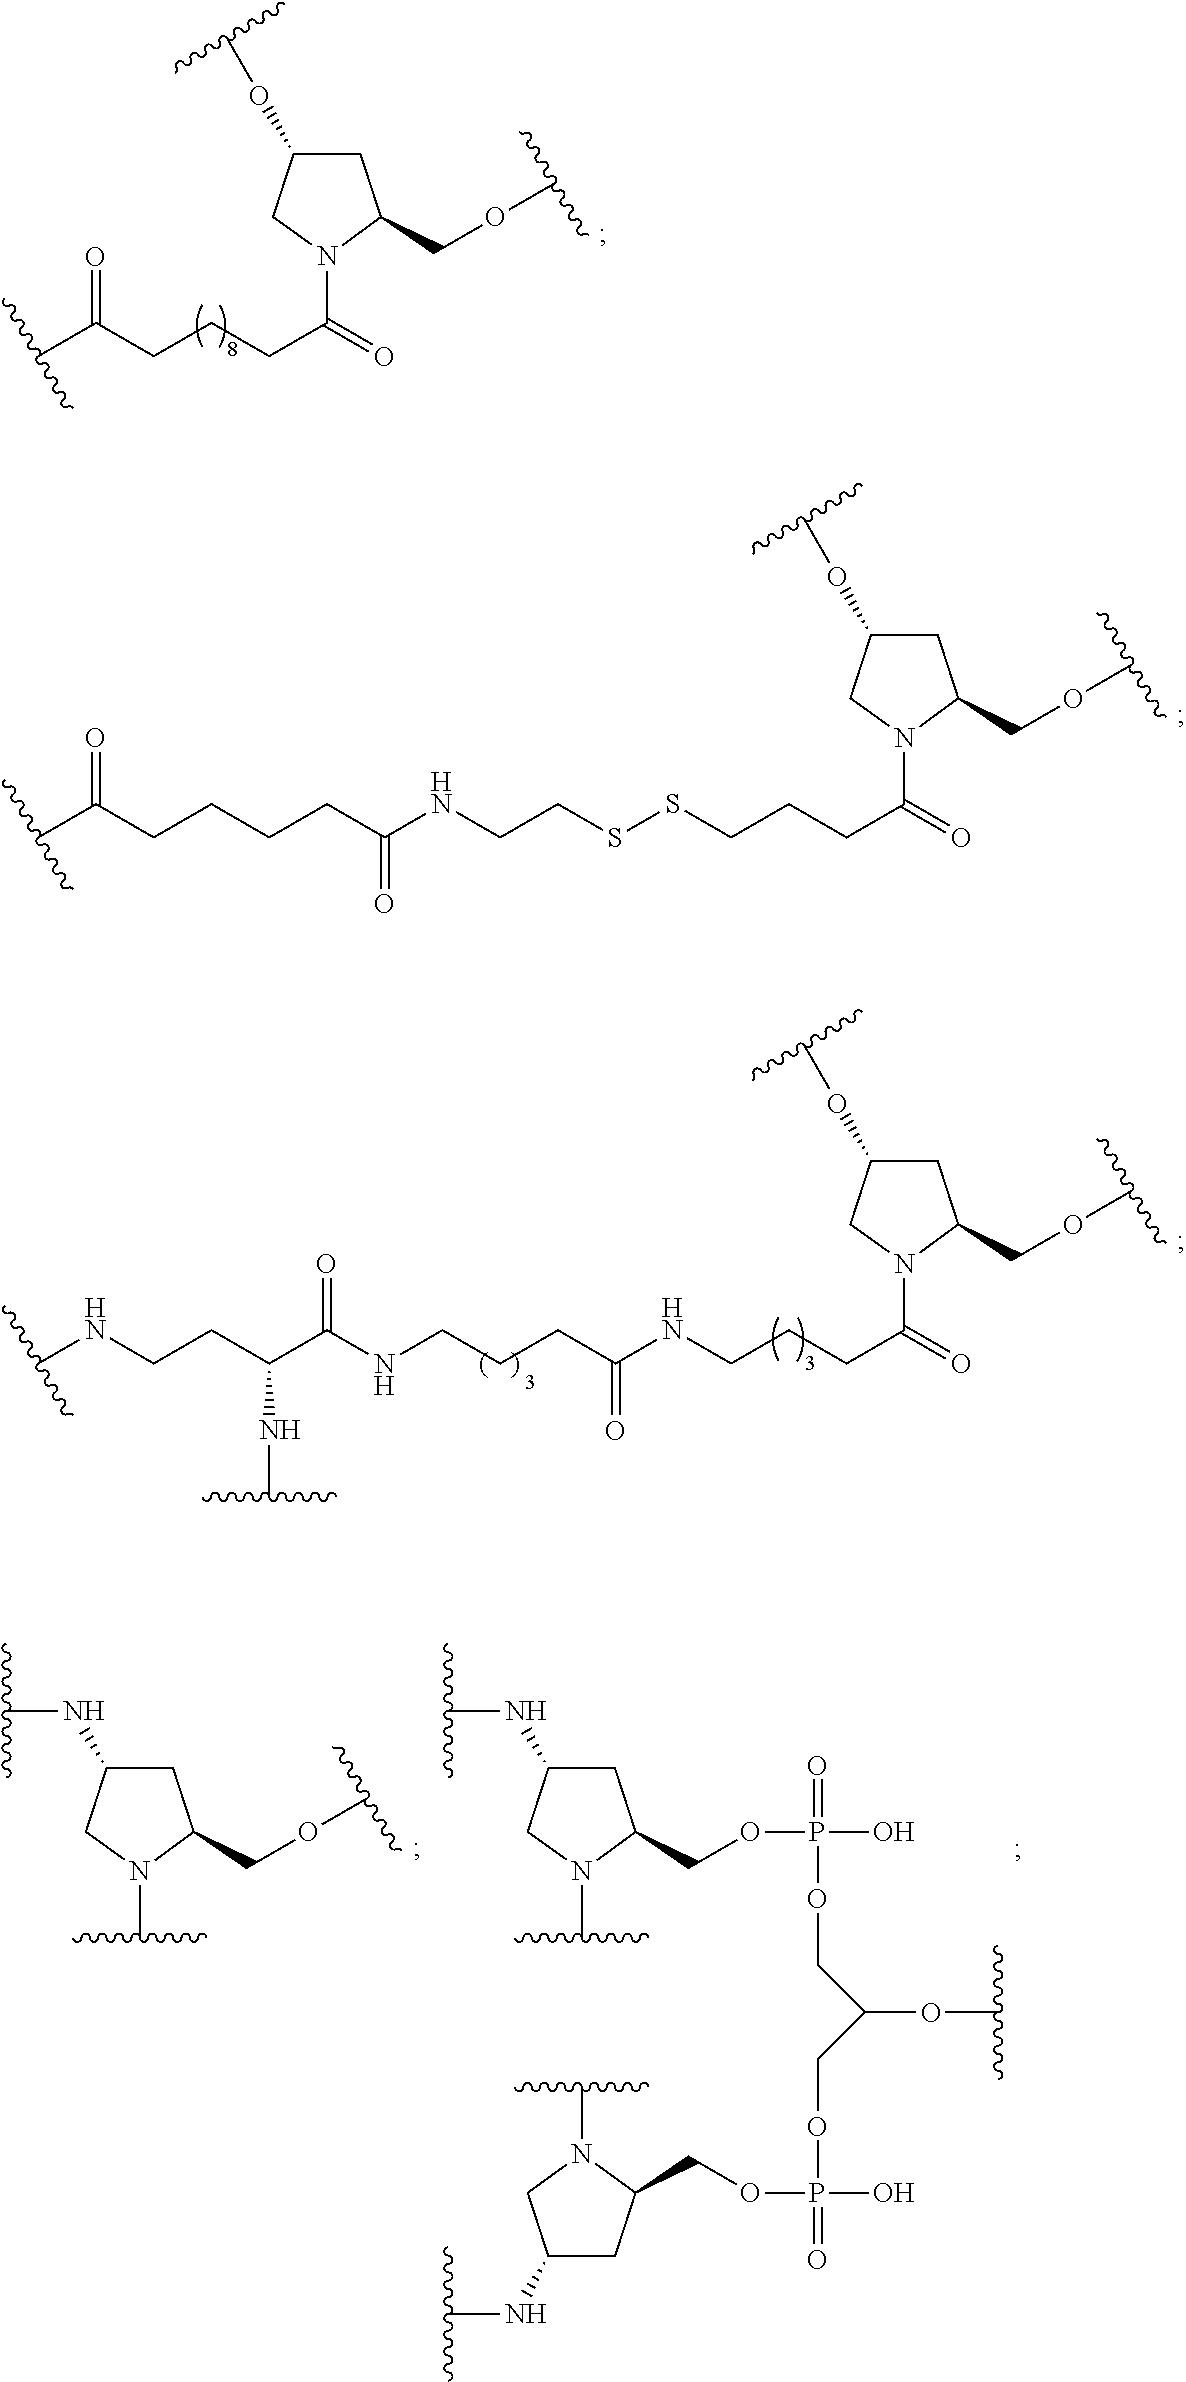 Figure US09994855-20180612-C00051